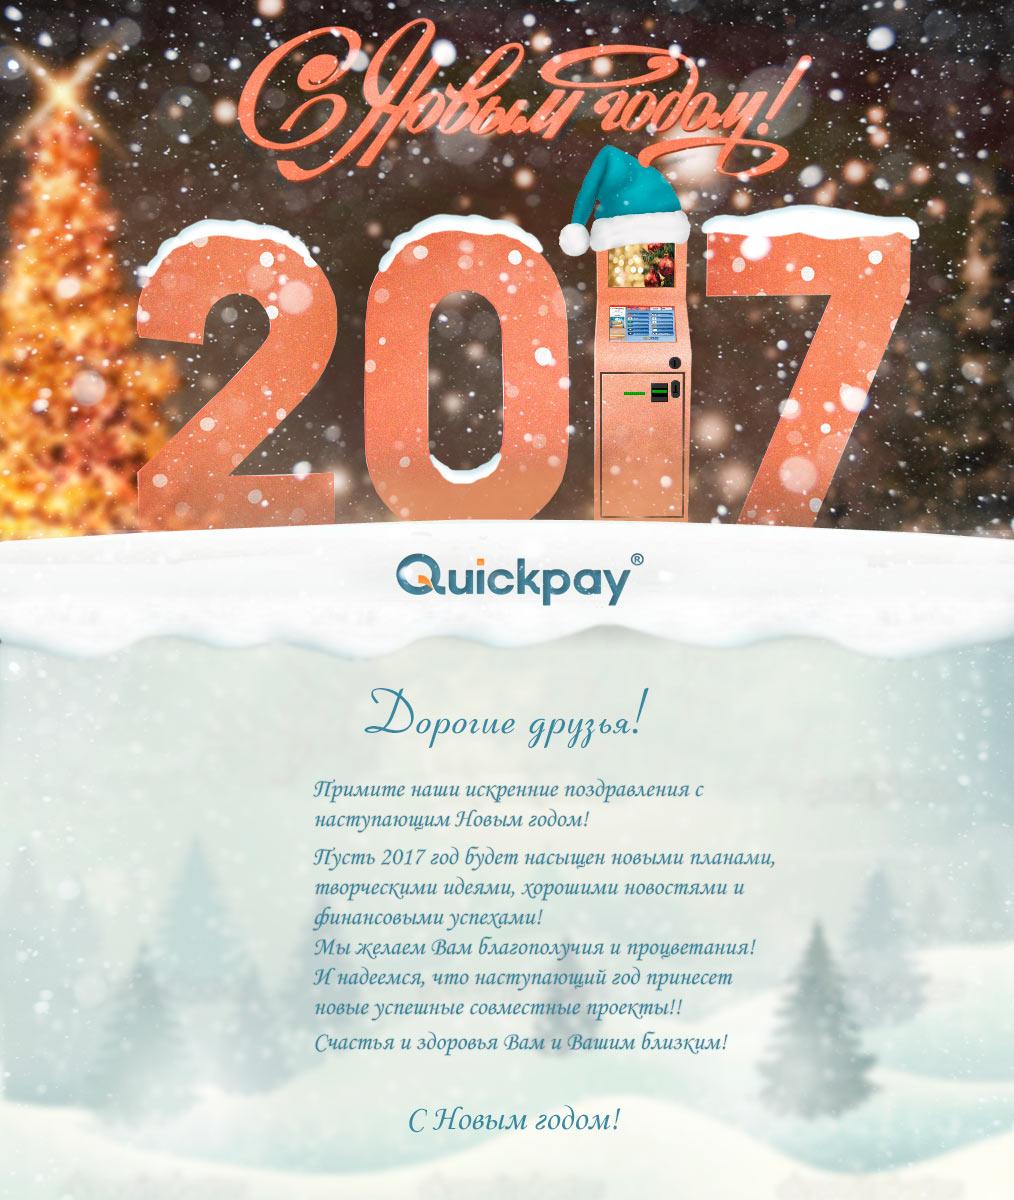 Платежная система Quickpay поздравляет с наступающим новым годом!